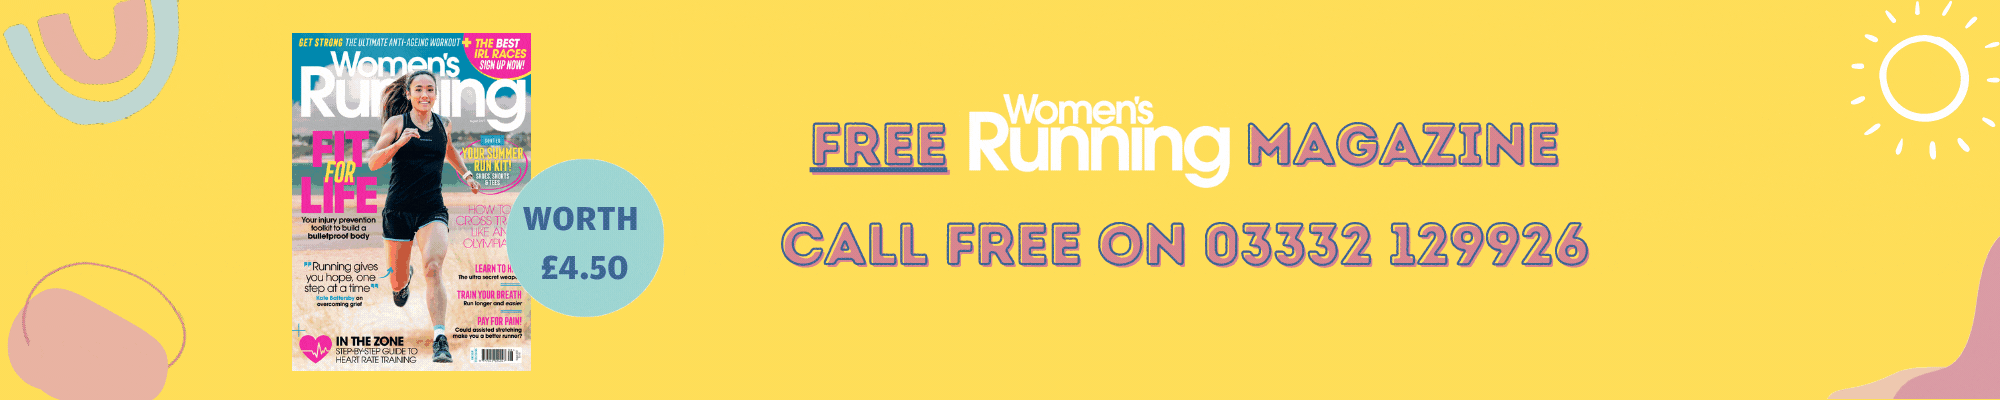 Womens Running Offer